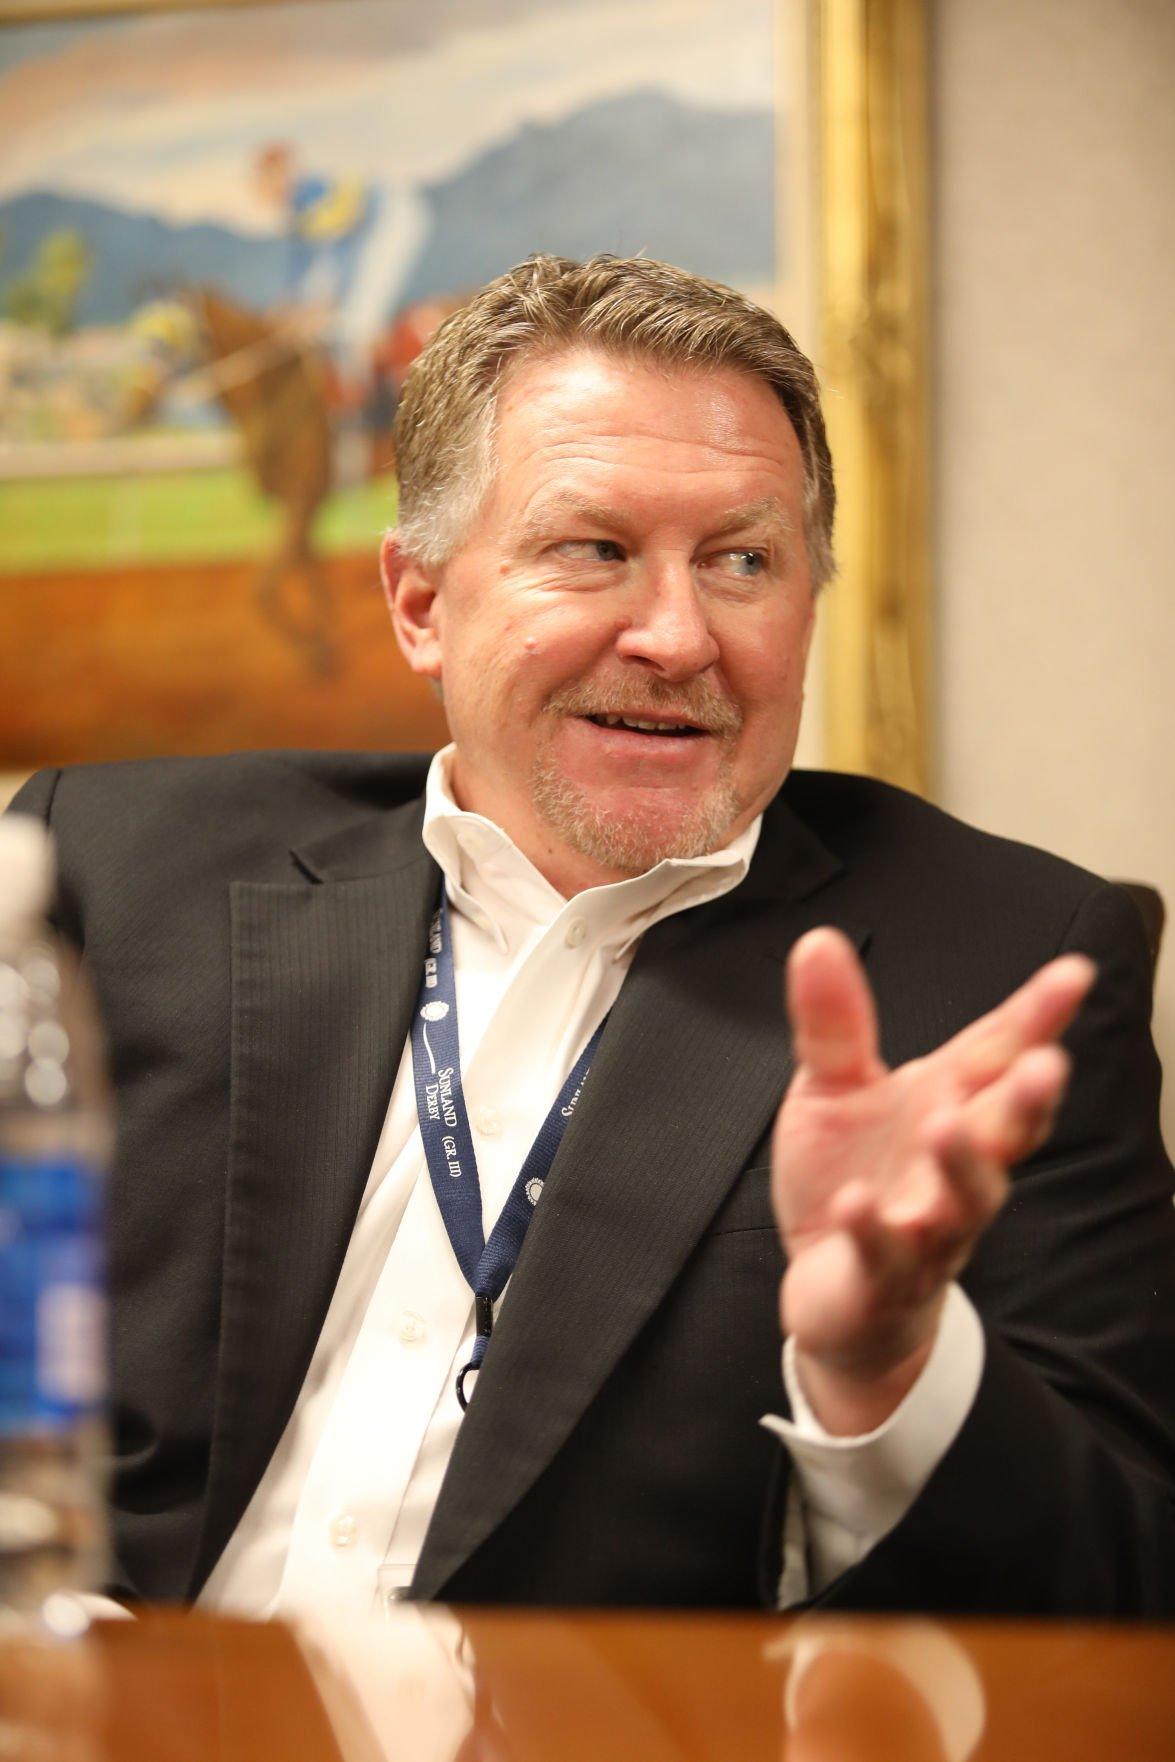 Rick Baugh